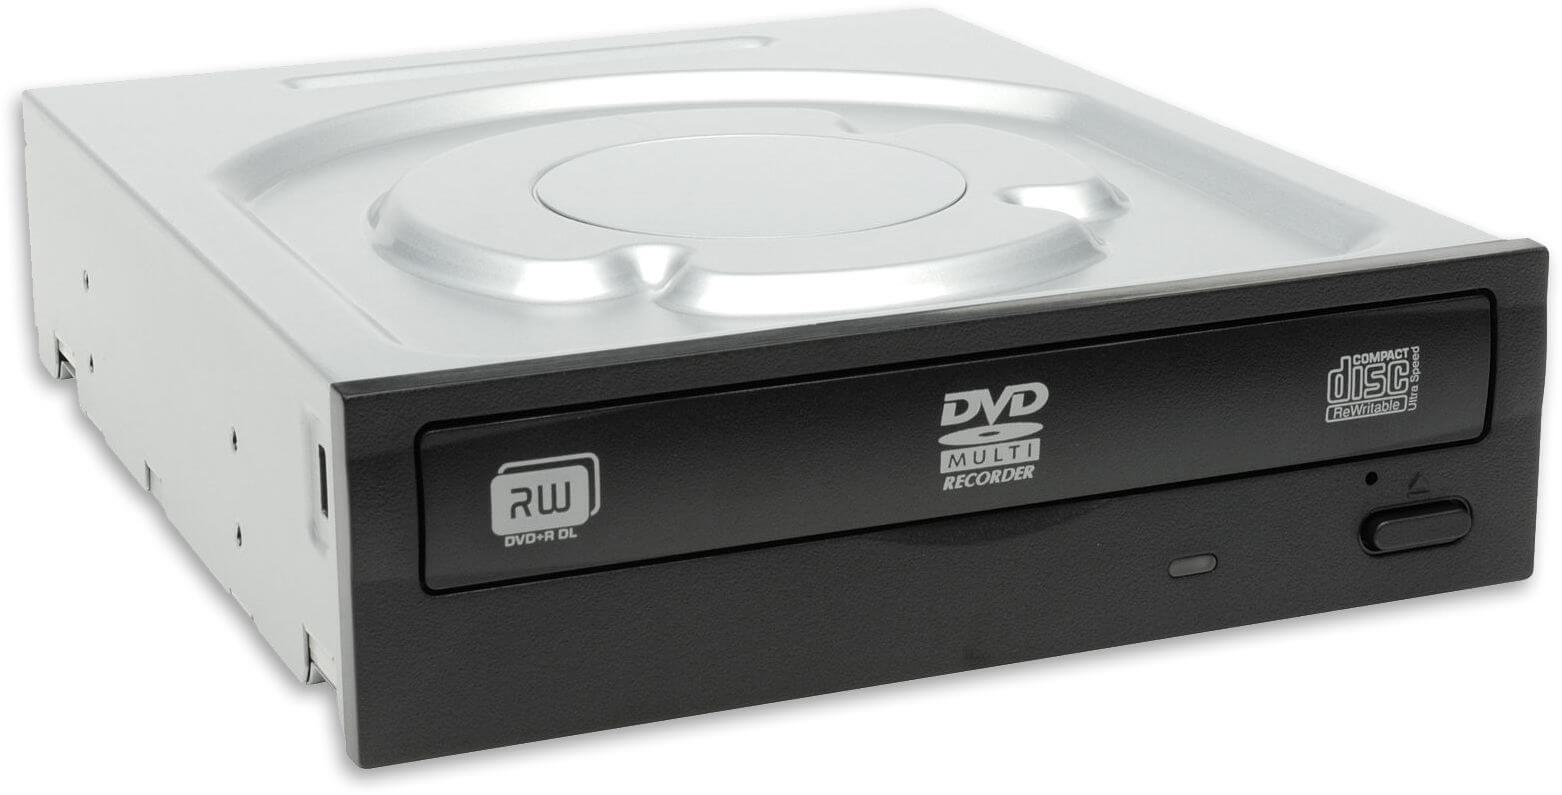 درایو CD و DVD ، این قطعه برای خواندن سی دی و دی وی دی استفاده میشود، در داخل کیس جای خوش کرده و توسط یک کابل به مادر برد متصل میشود .